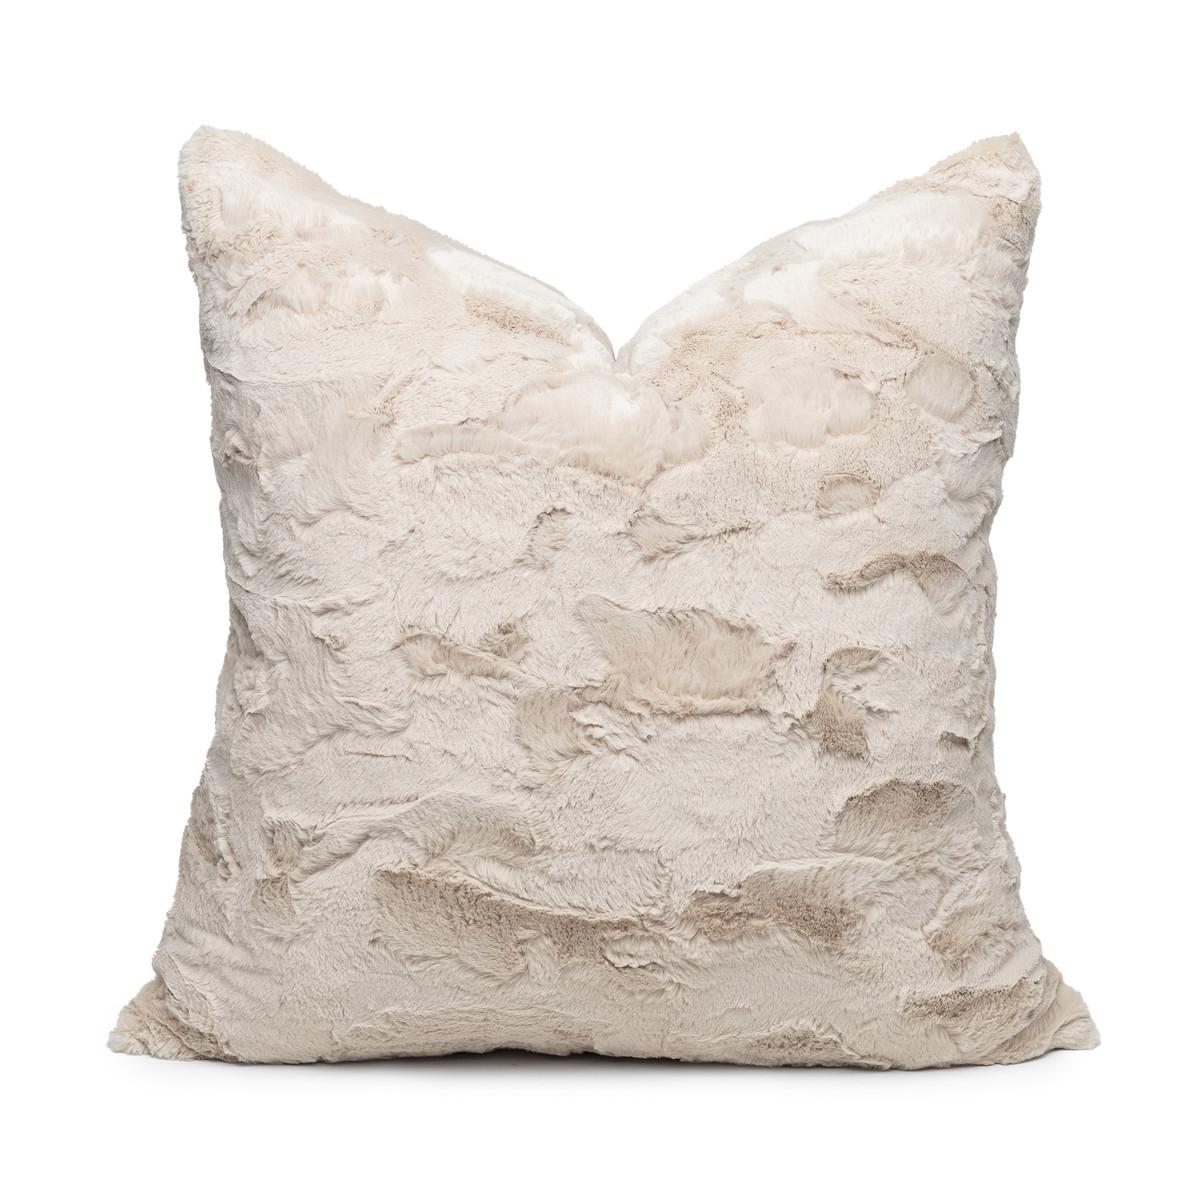 Minky Vegan Faux Fur Washable Pillow - Front